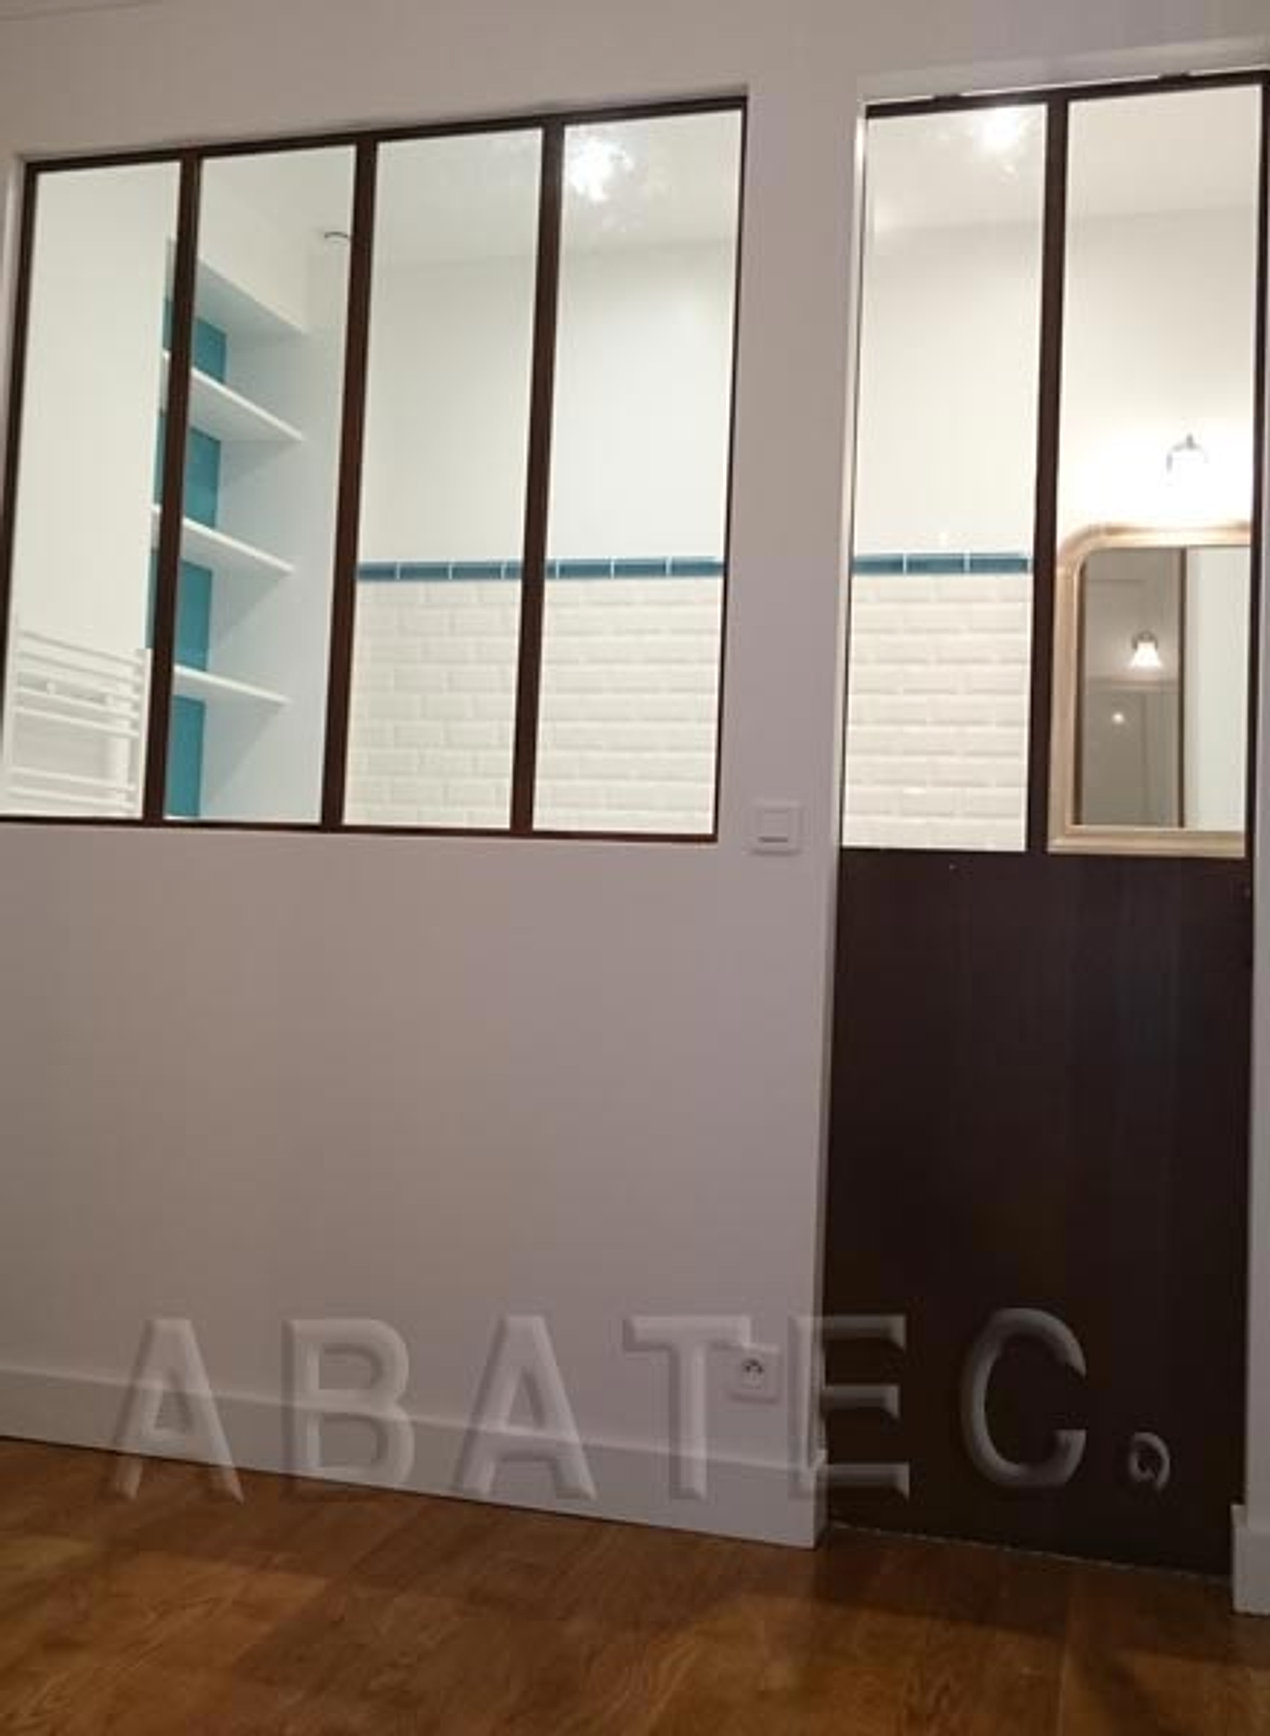 abatec r novation de studio paris entreprise de renovation. Black Bedroom Furniture Sets. Home Design Ideas